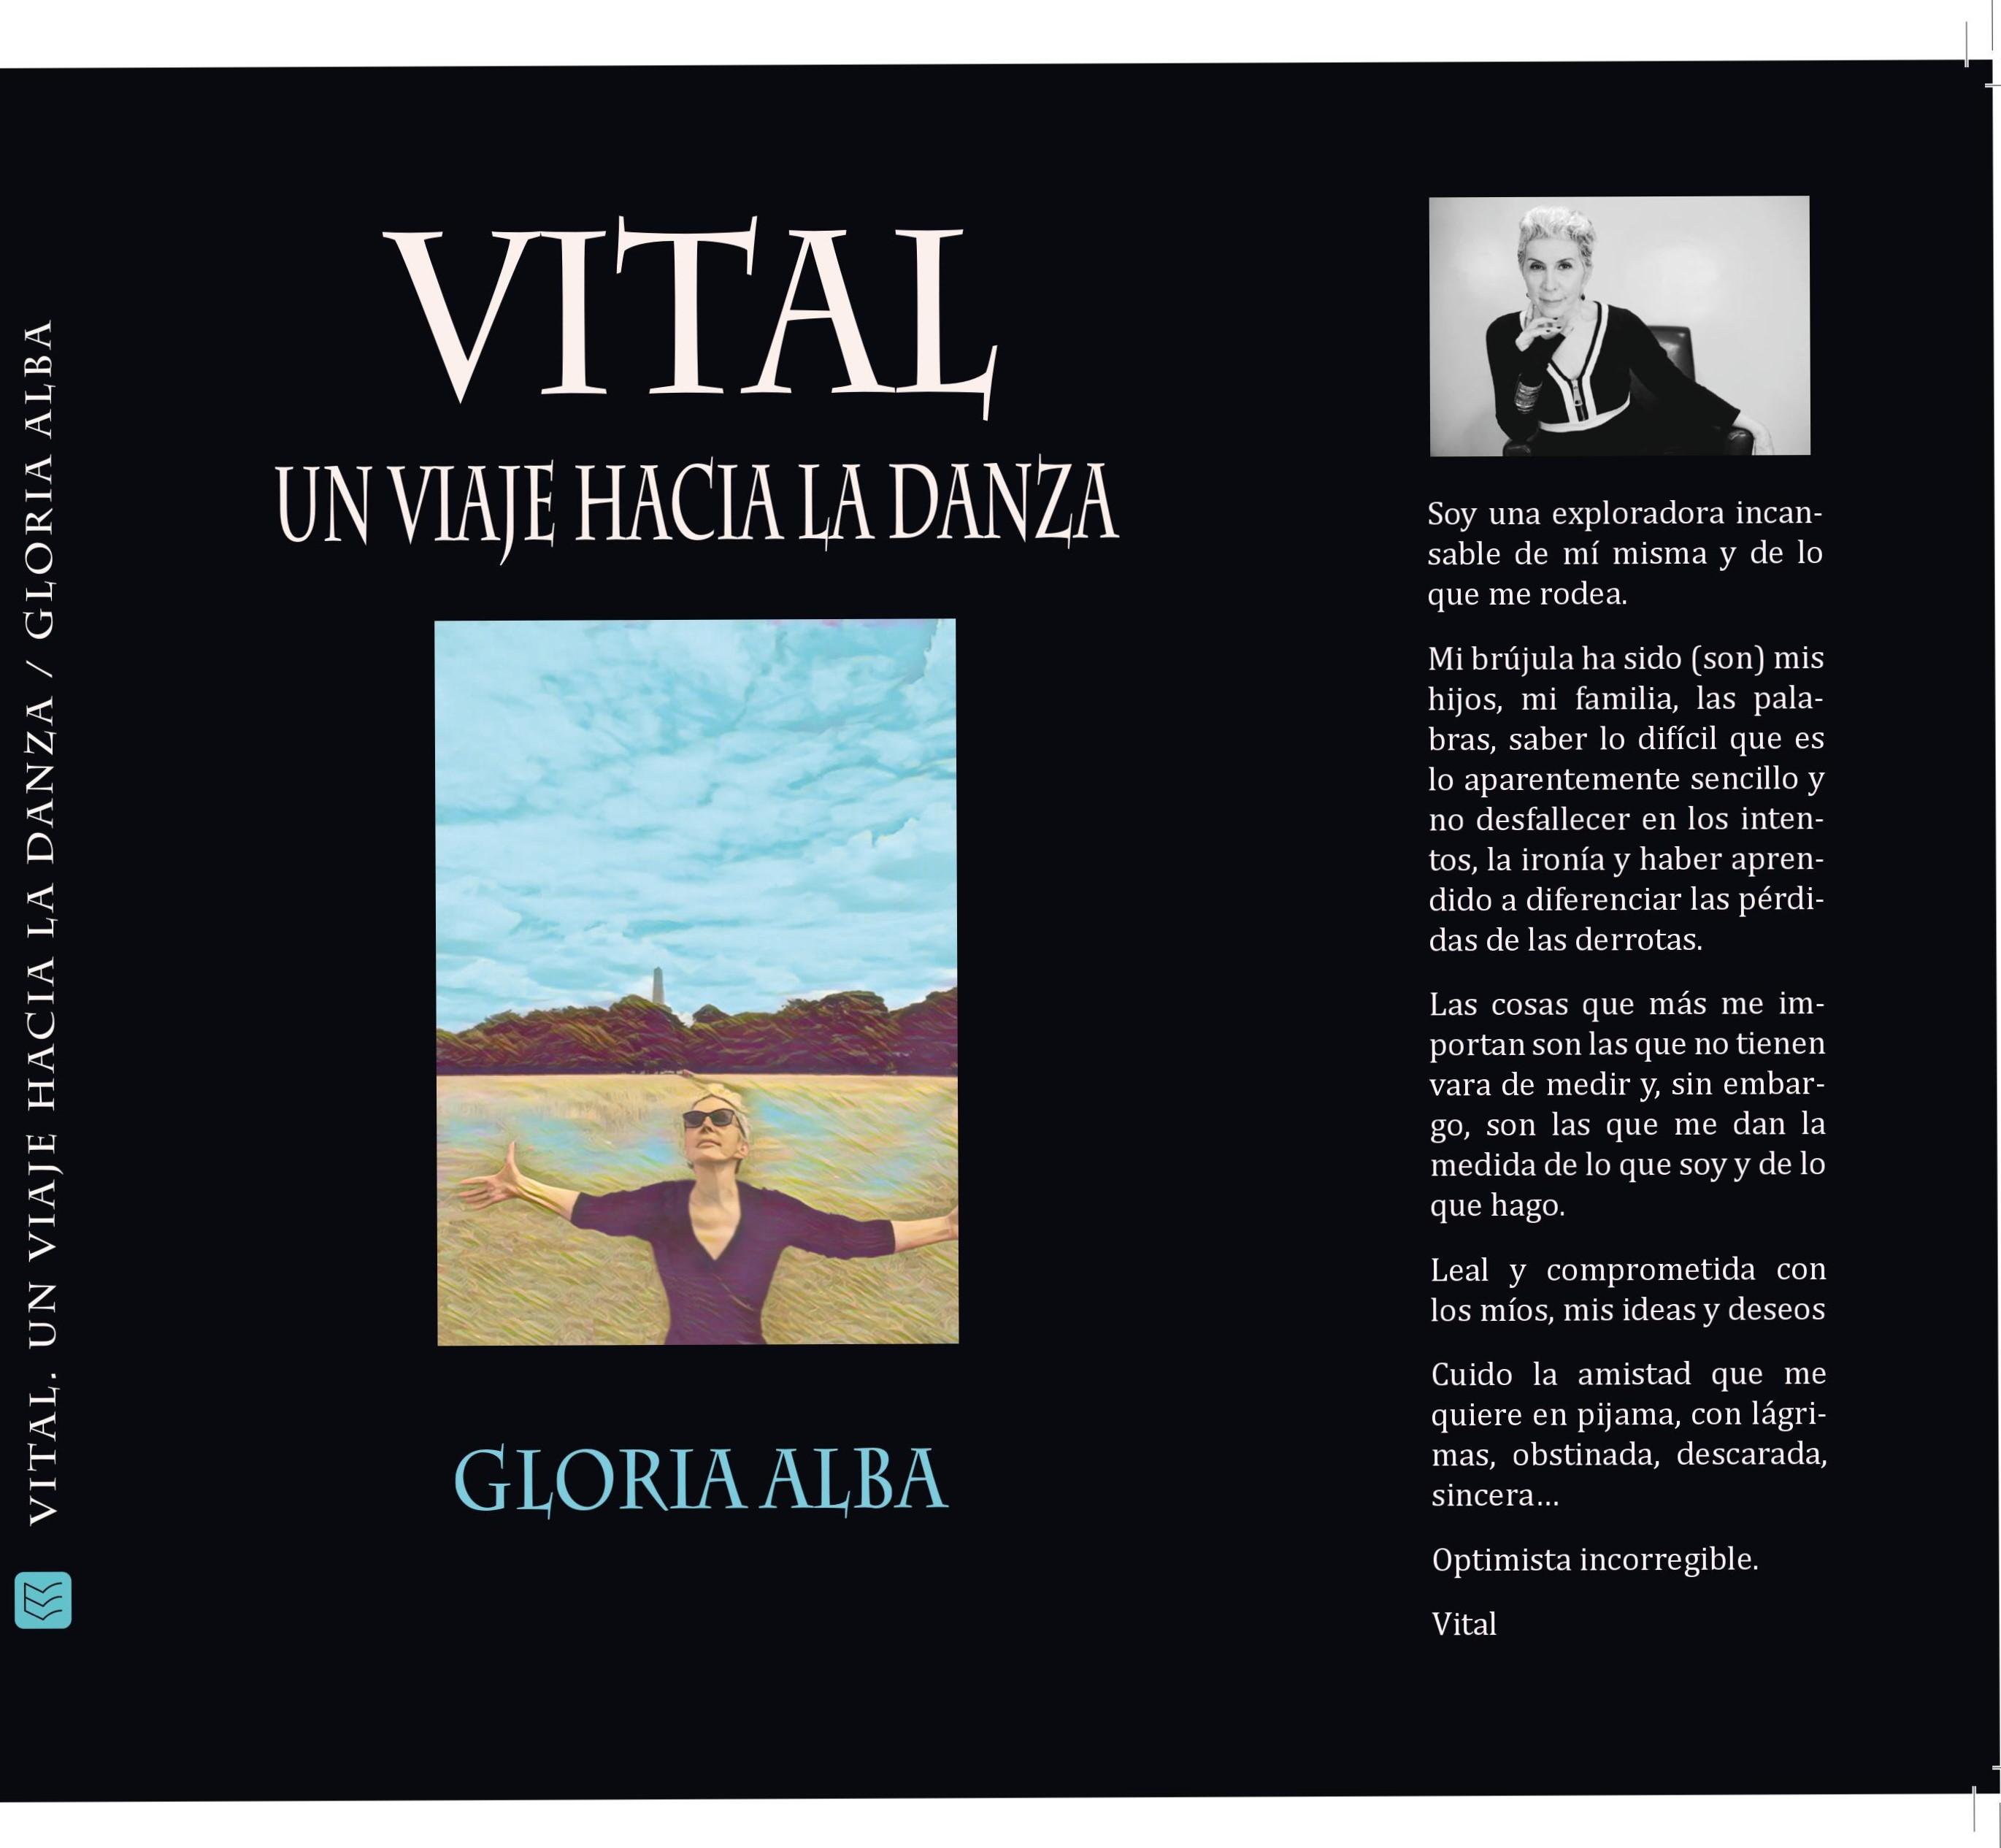 Vital, un viaje hacia la danza. El libro de Gloria Alba